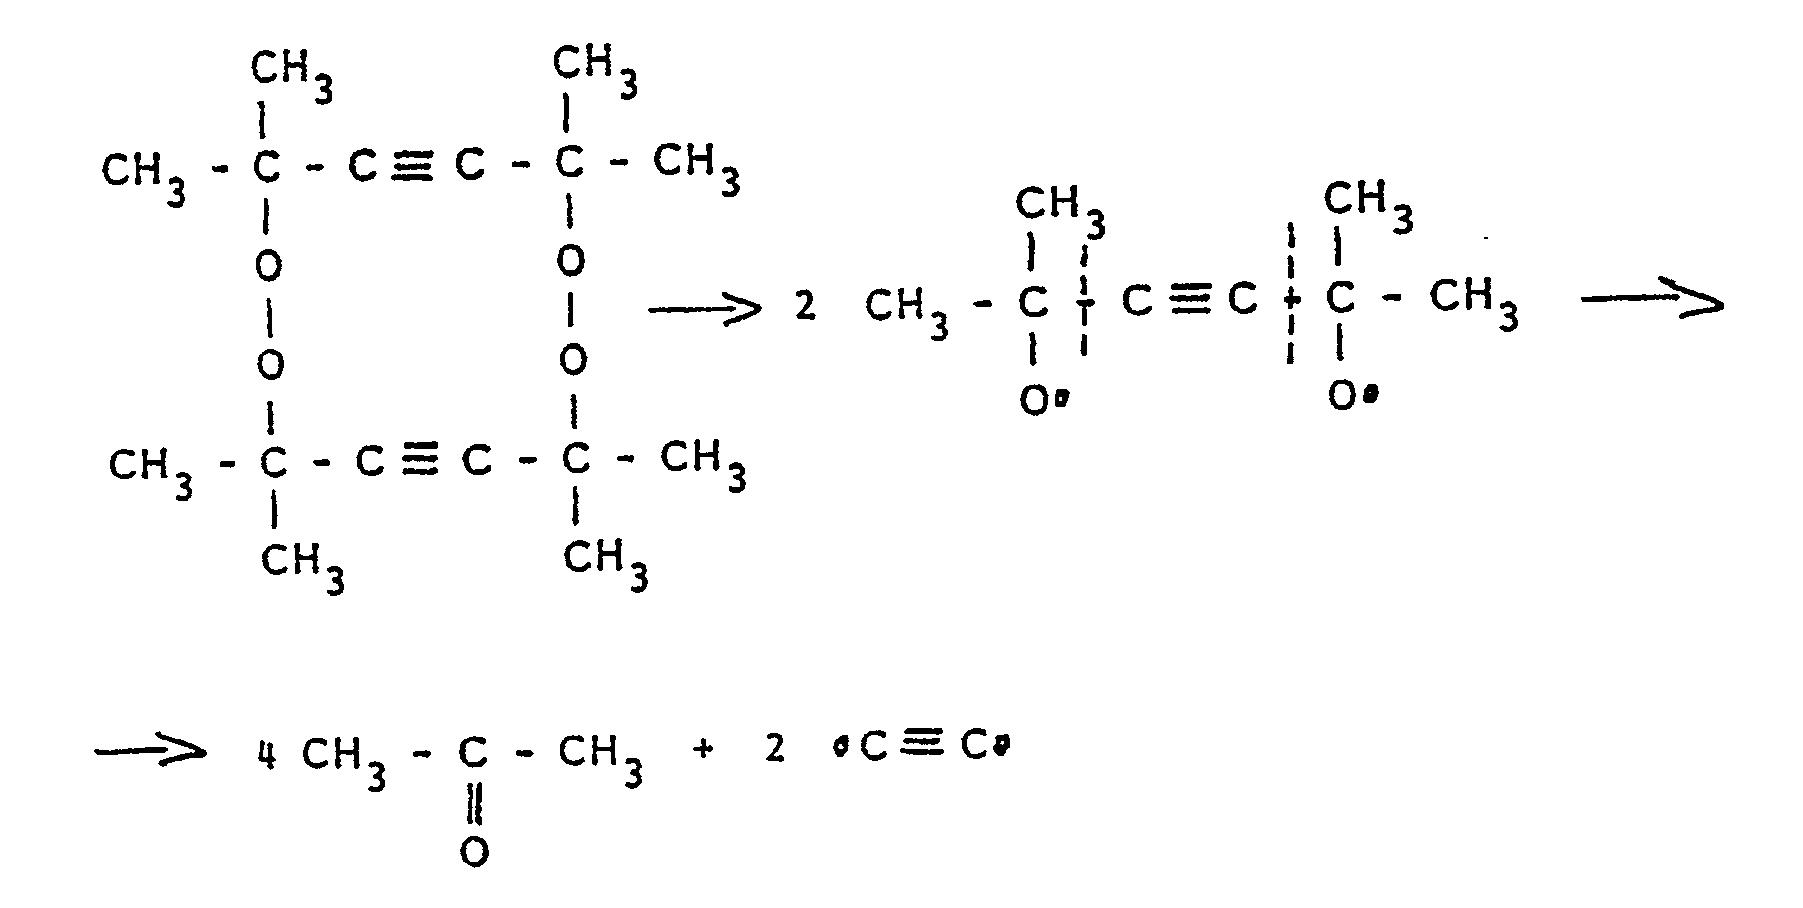 Patent EP0444604A2 - Vernetzung von Fluorkautschuk mittels ...